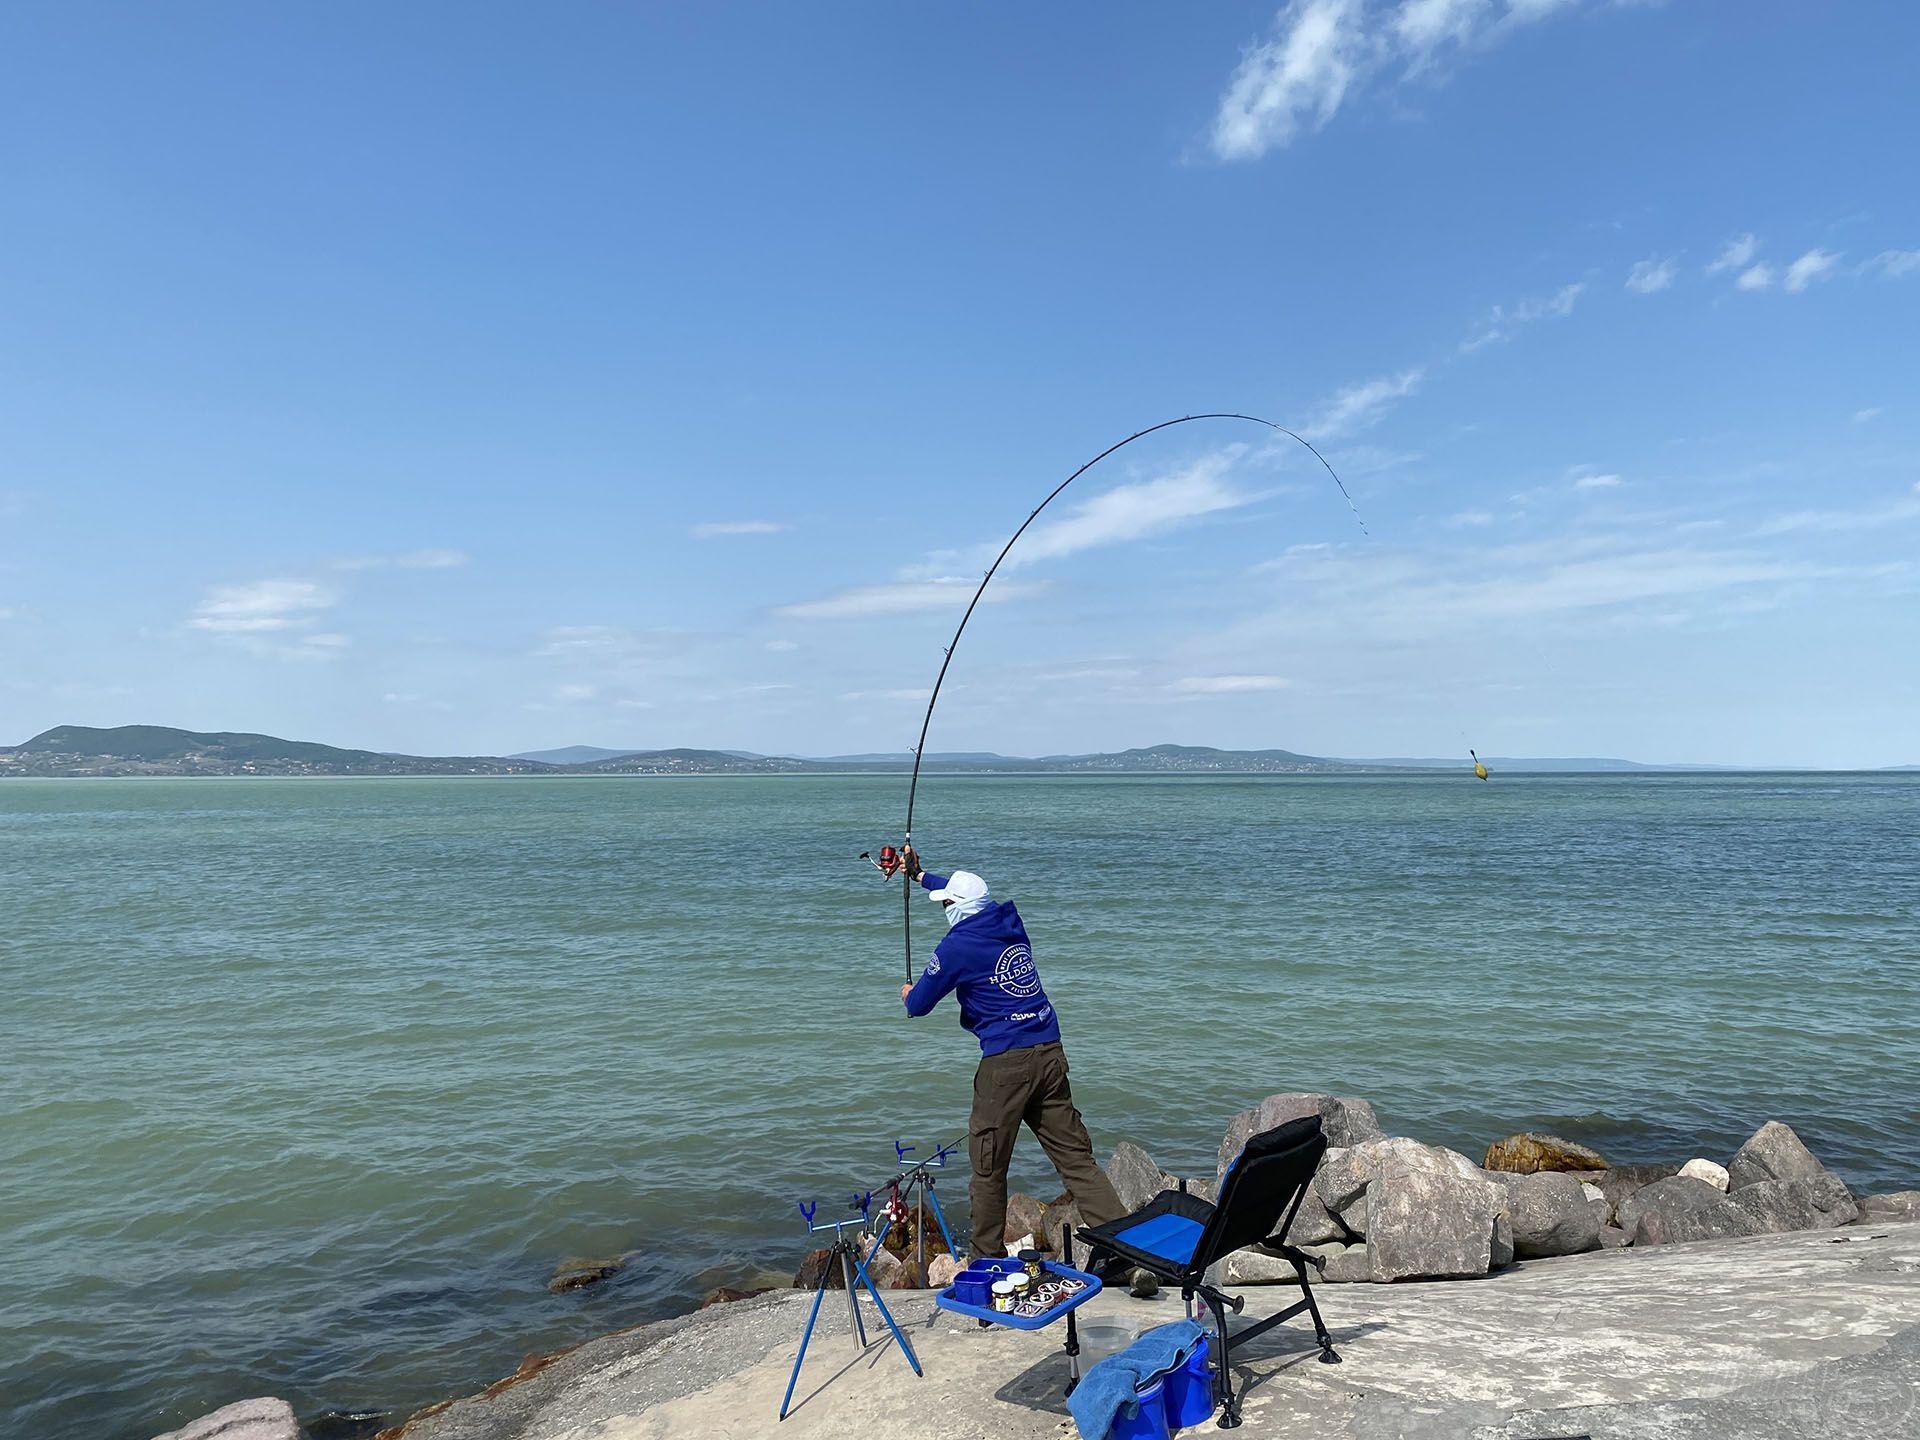 A 100 méter itt is a beugró, hogy halat lehessen fogni! Az új kosarakkal a végszerelék gyakorta sokkal távolabbra ment, még a váltakozó erejű és irányú szélben is